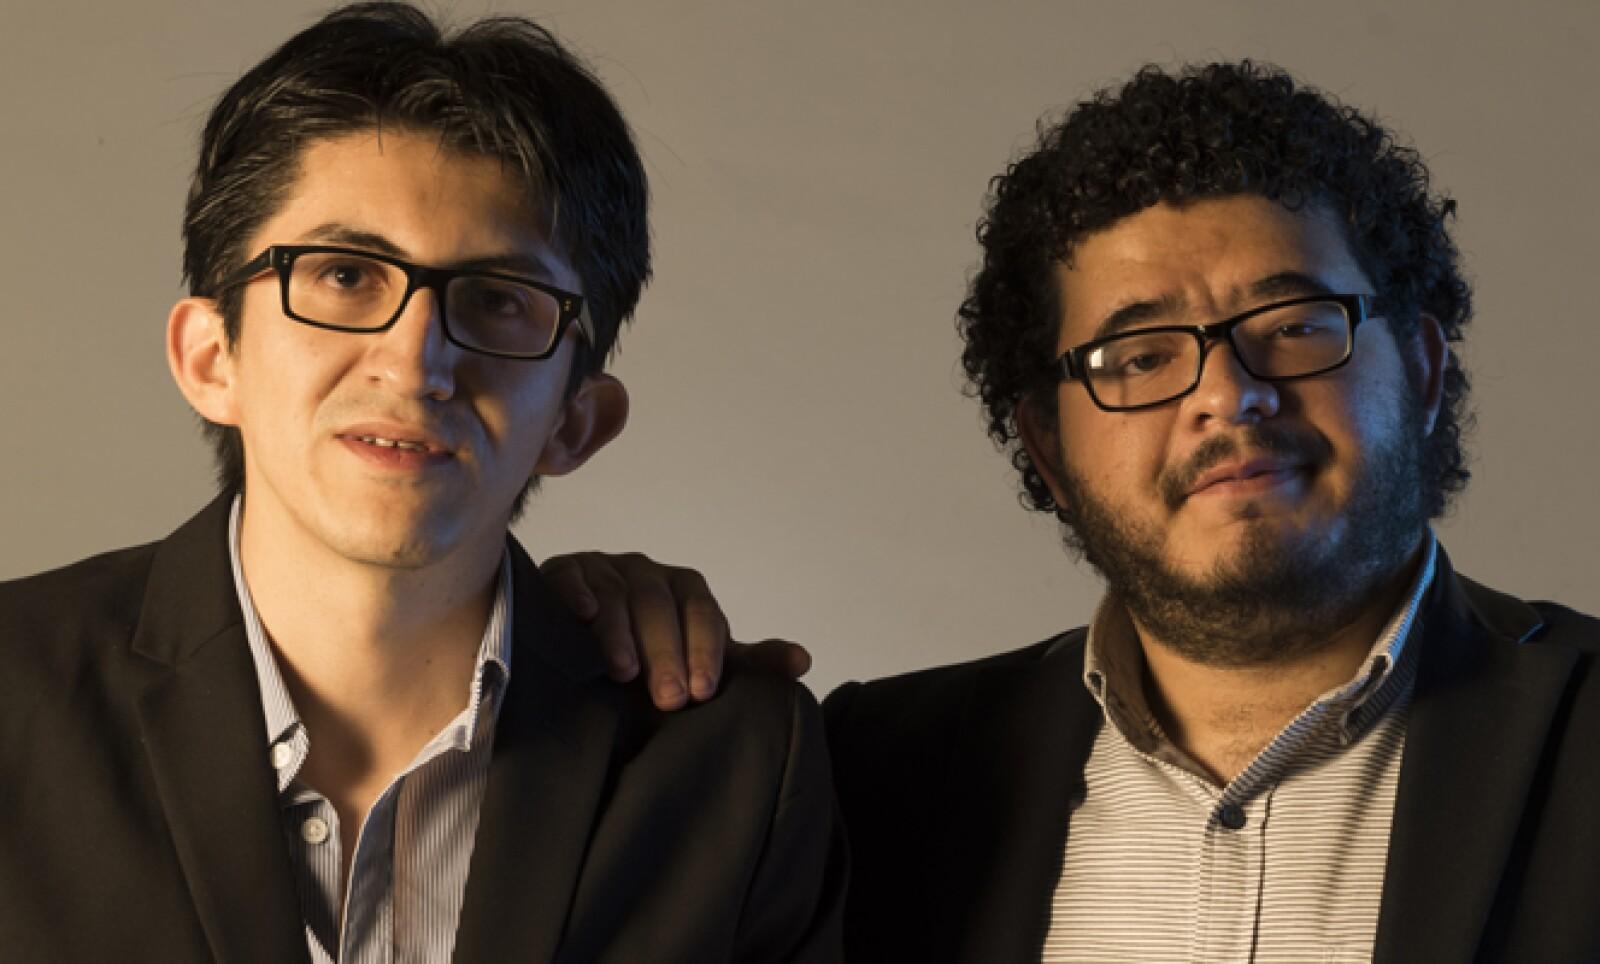 Guillermo Guadarrana y Rodrigo Ramírez desarrollaron la plataforma que notifica sobre eventualidades, horarios viales, asesoría legal e información sobre impuestos de los automóviles.